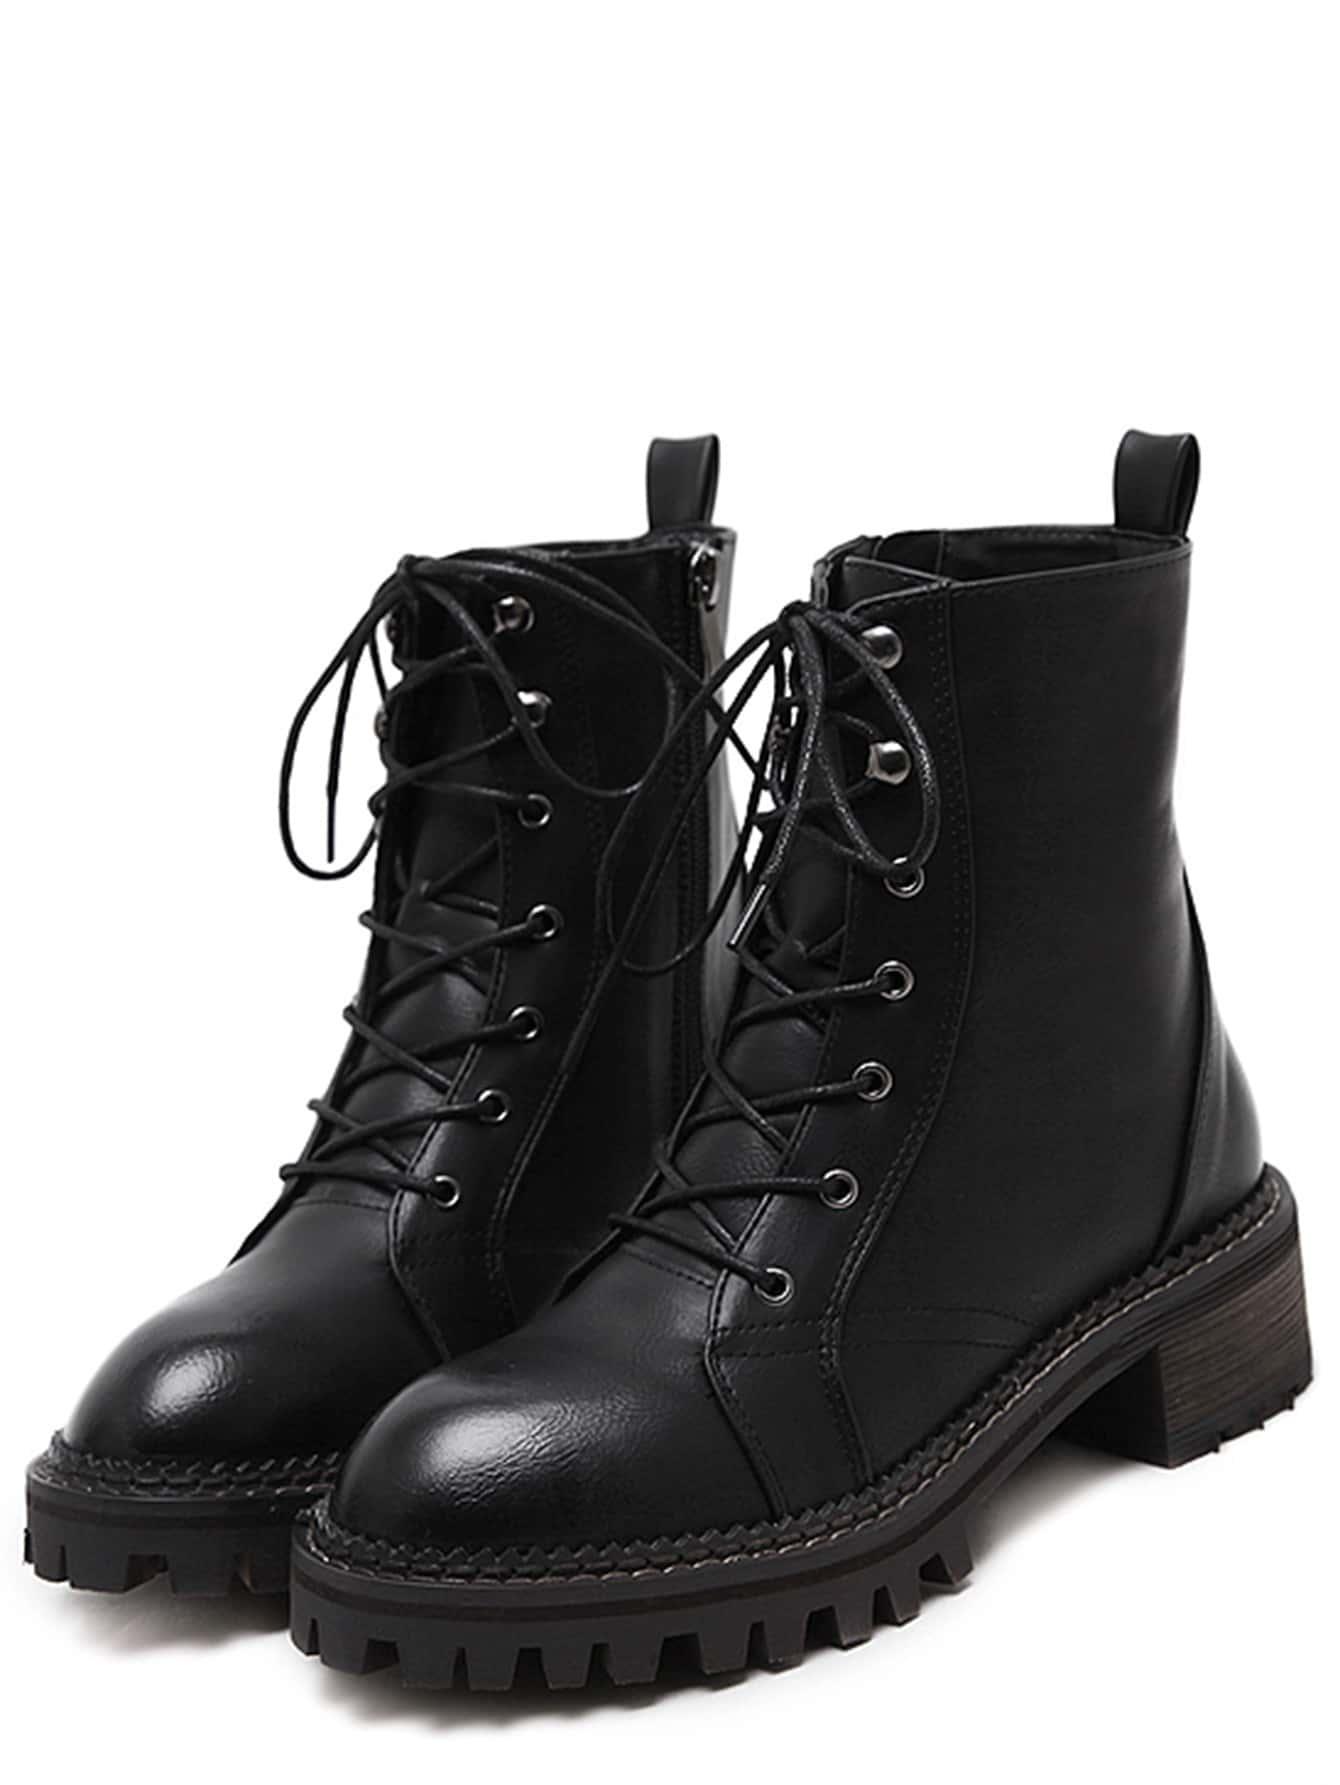 shoes161107815_2